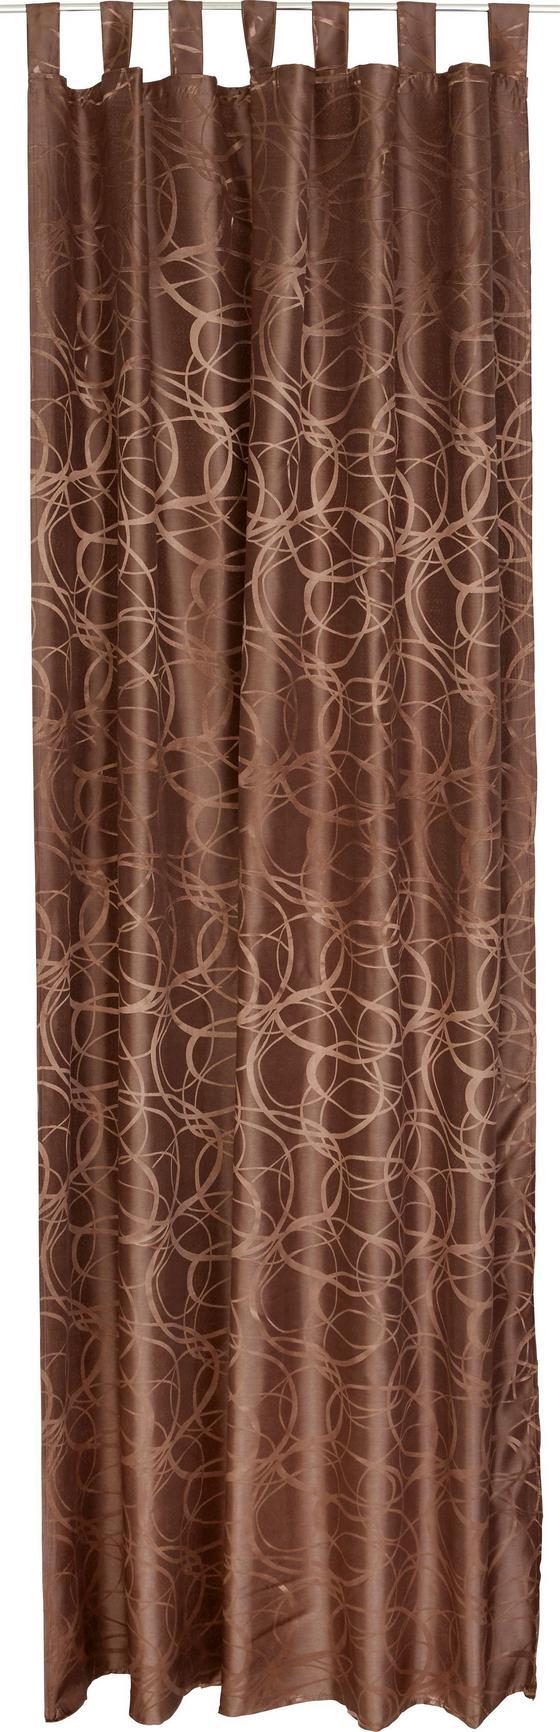 Kombi Készfüggöny Linda - barna, konvencionális, textil (140/255cm)